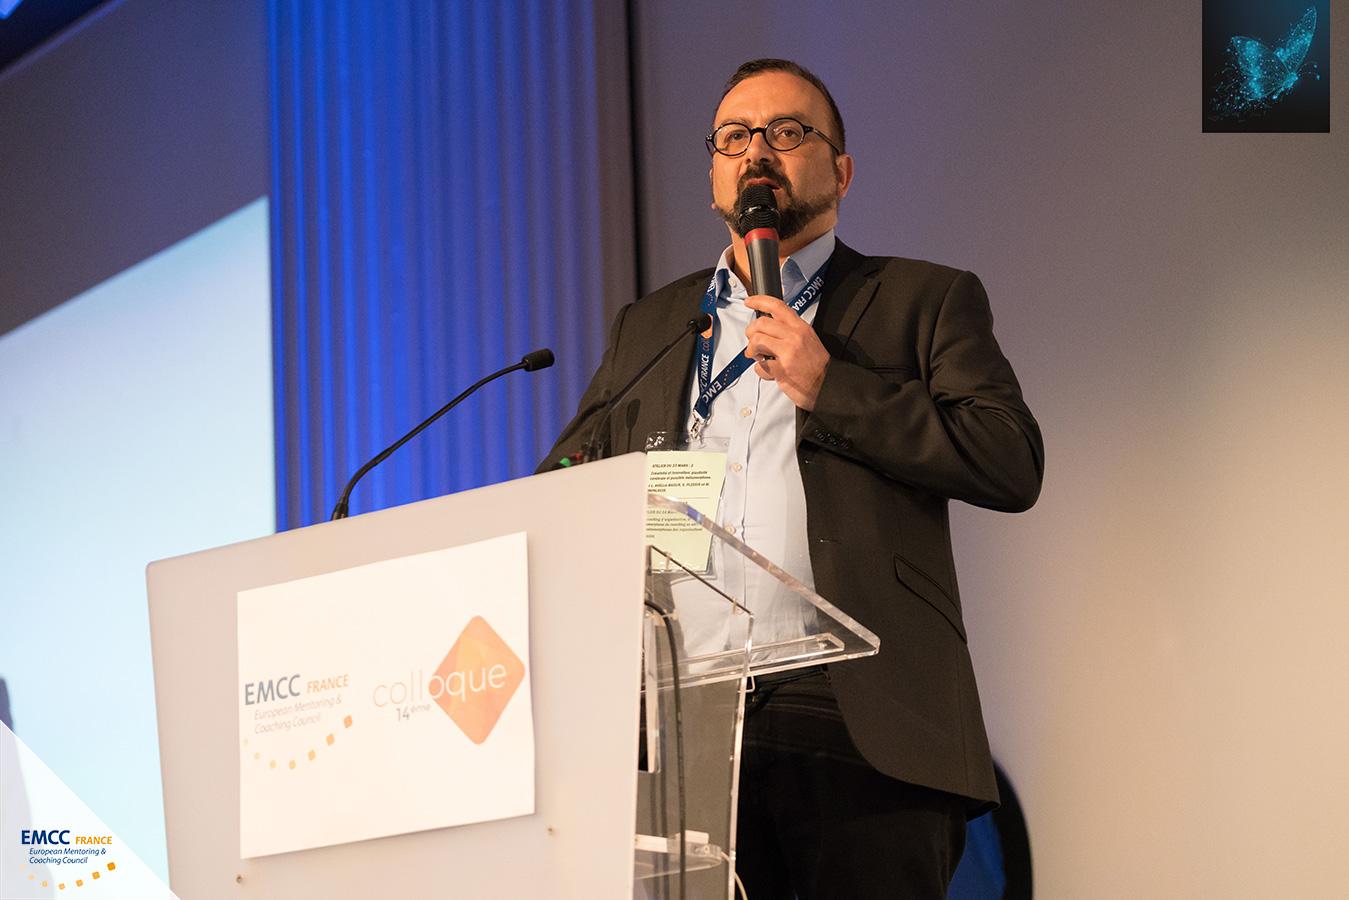 """Résultat de recherche d'images pour """"colloque EMCC France 2018"""""""